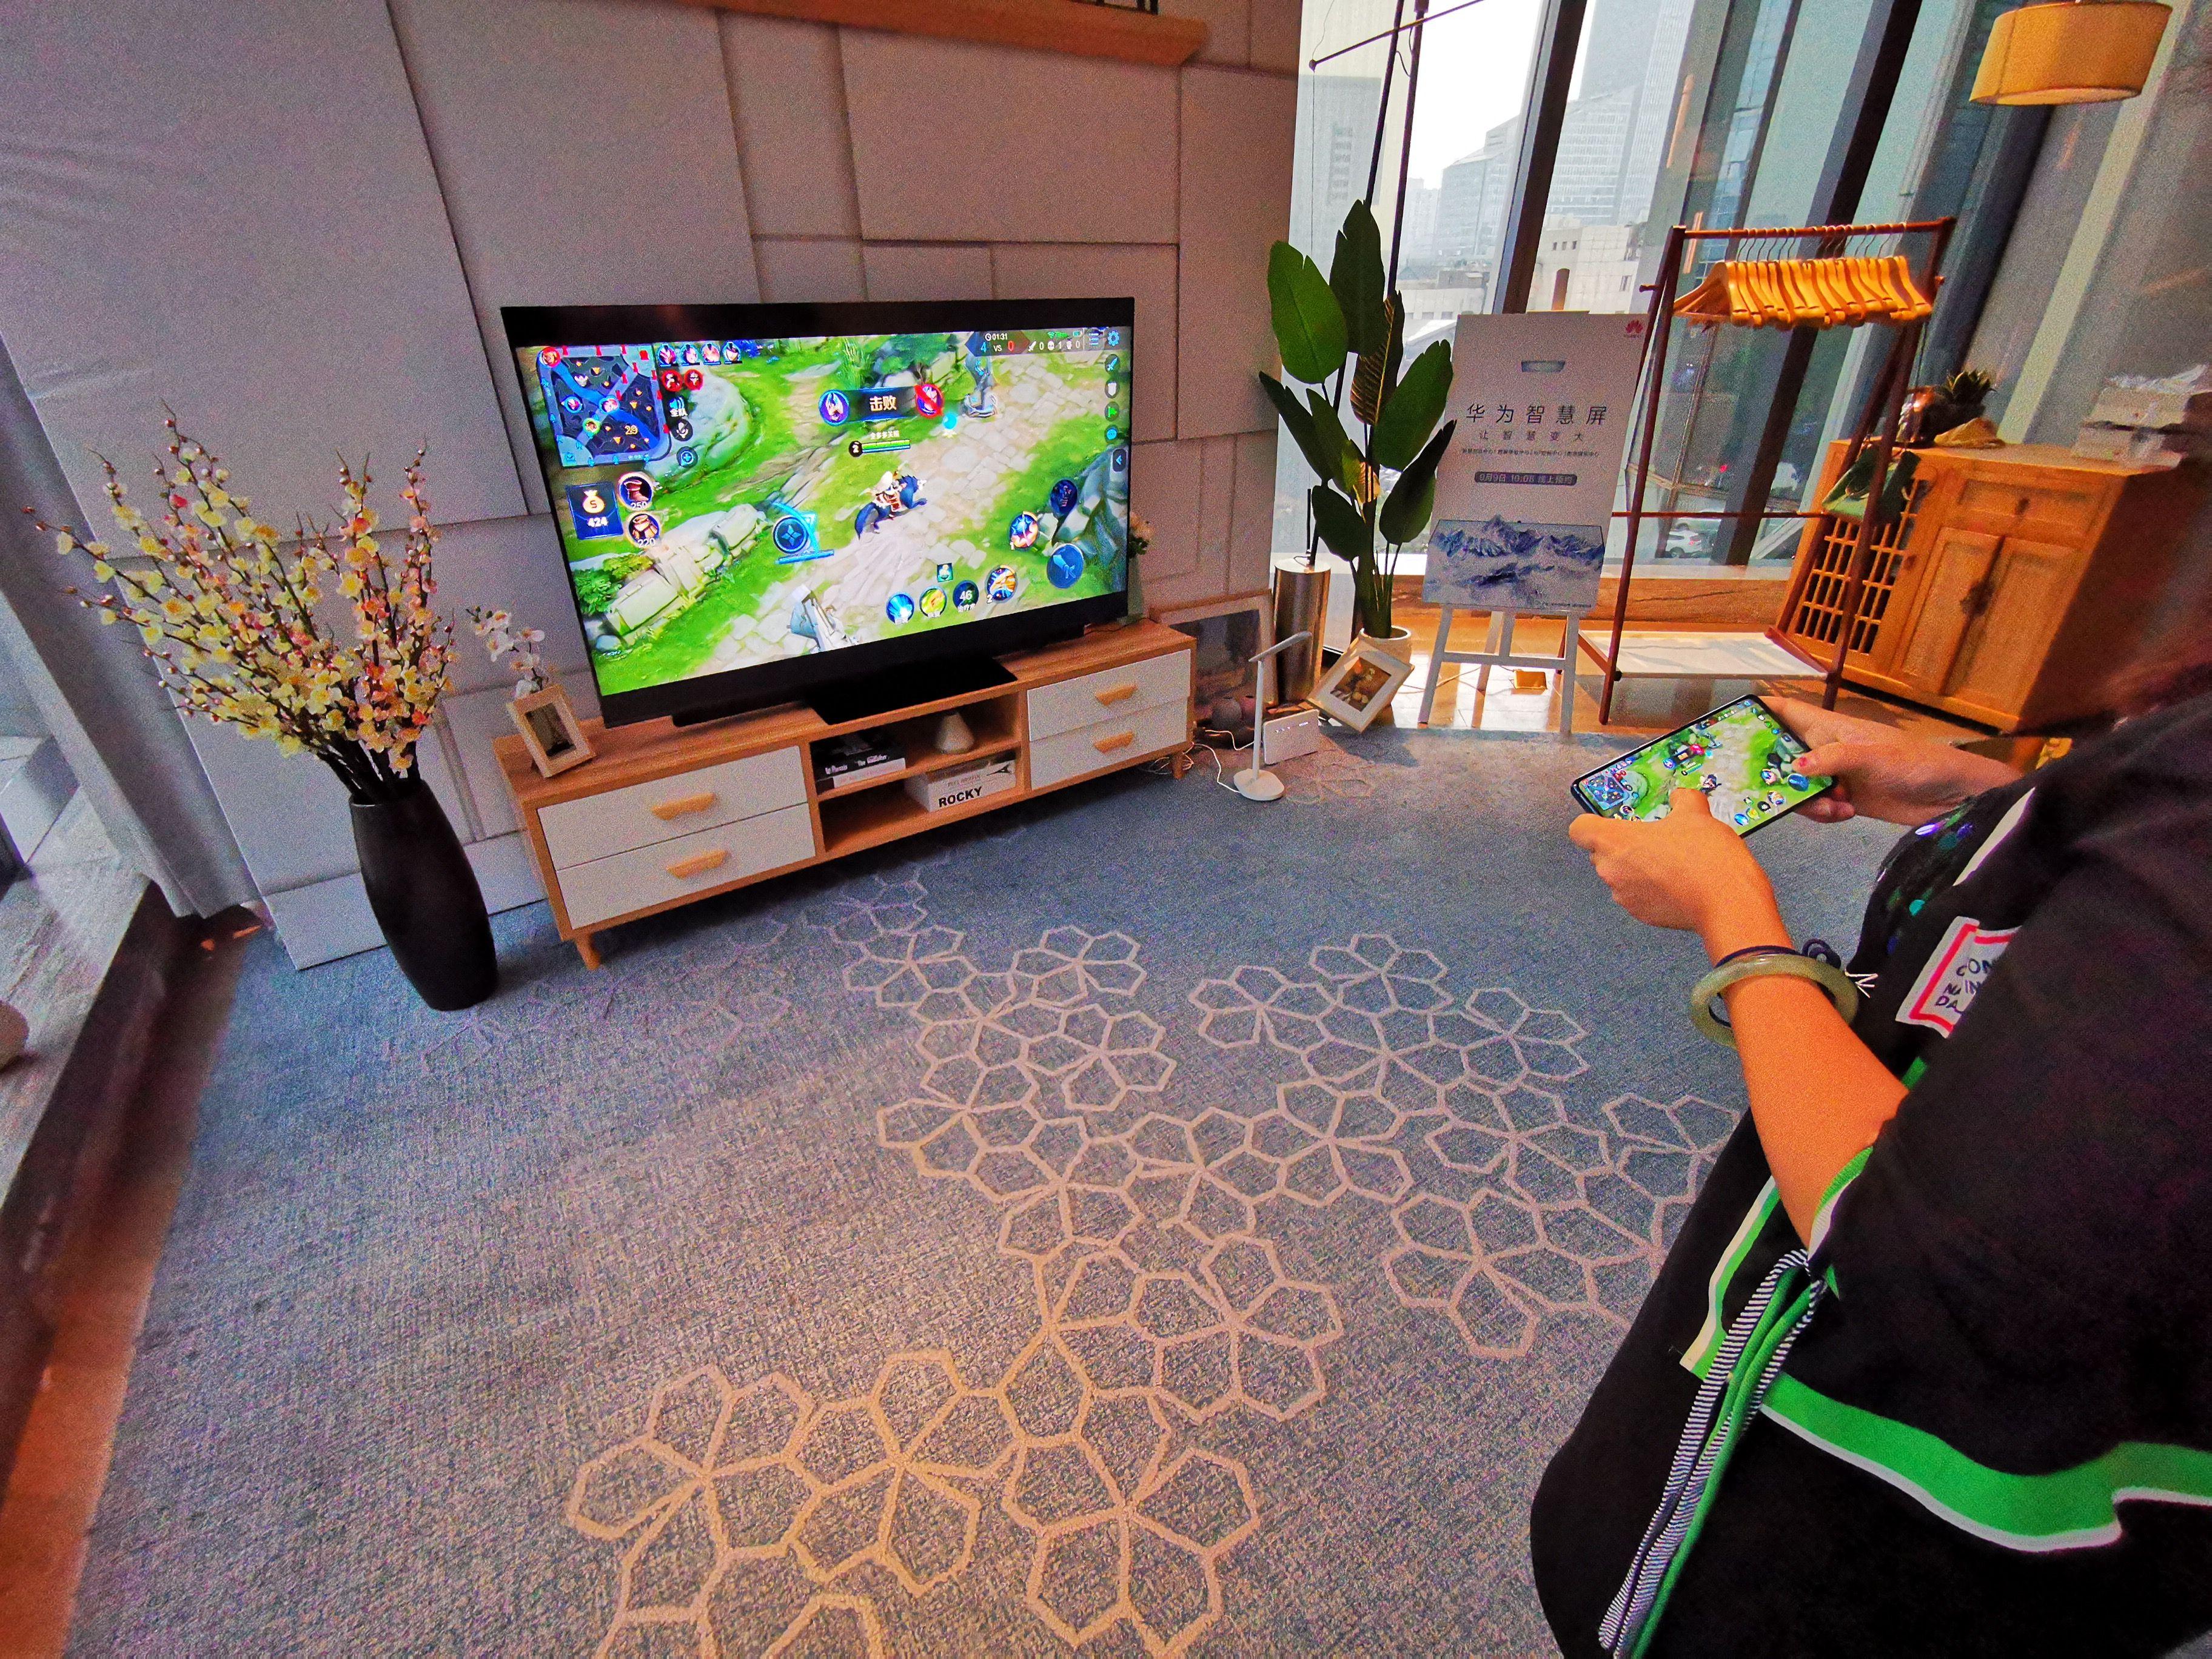 华为智慧屏评测:4K量子点屏幕+AI慧眼+投屏游戏的照片 - 5